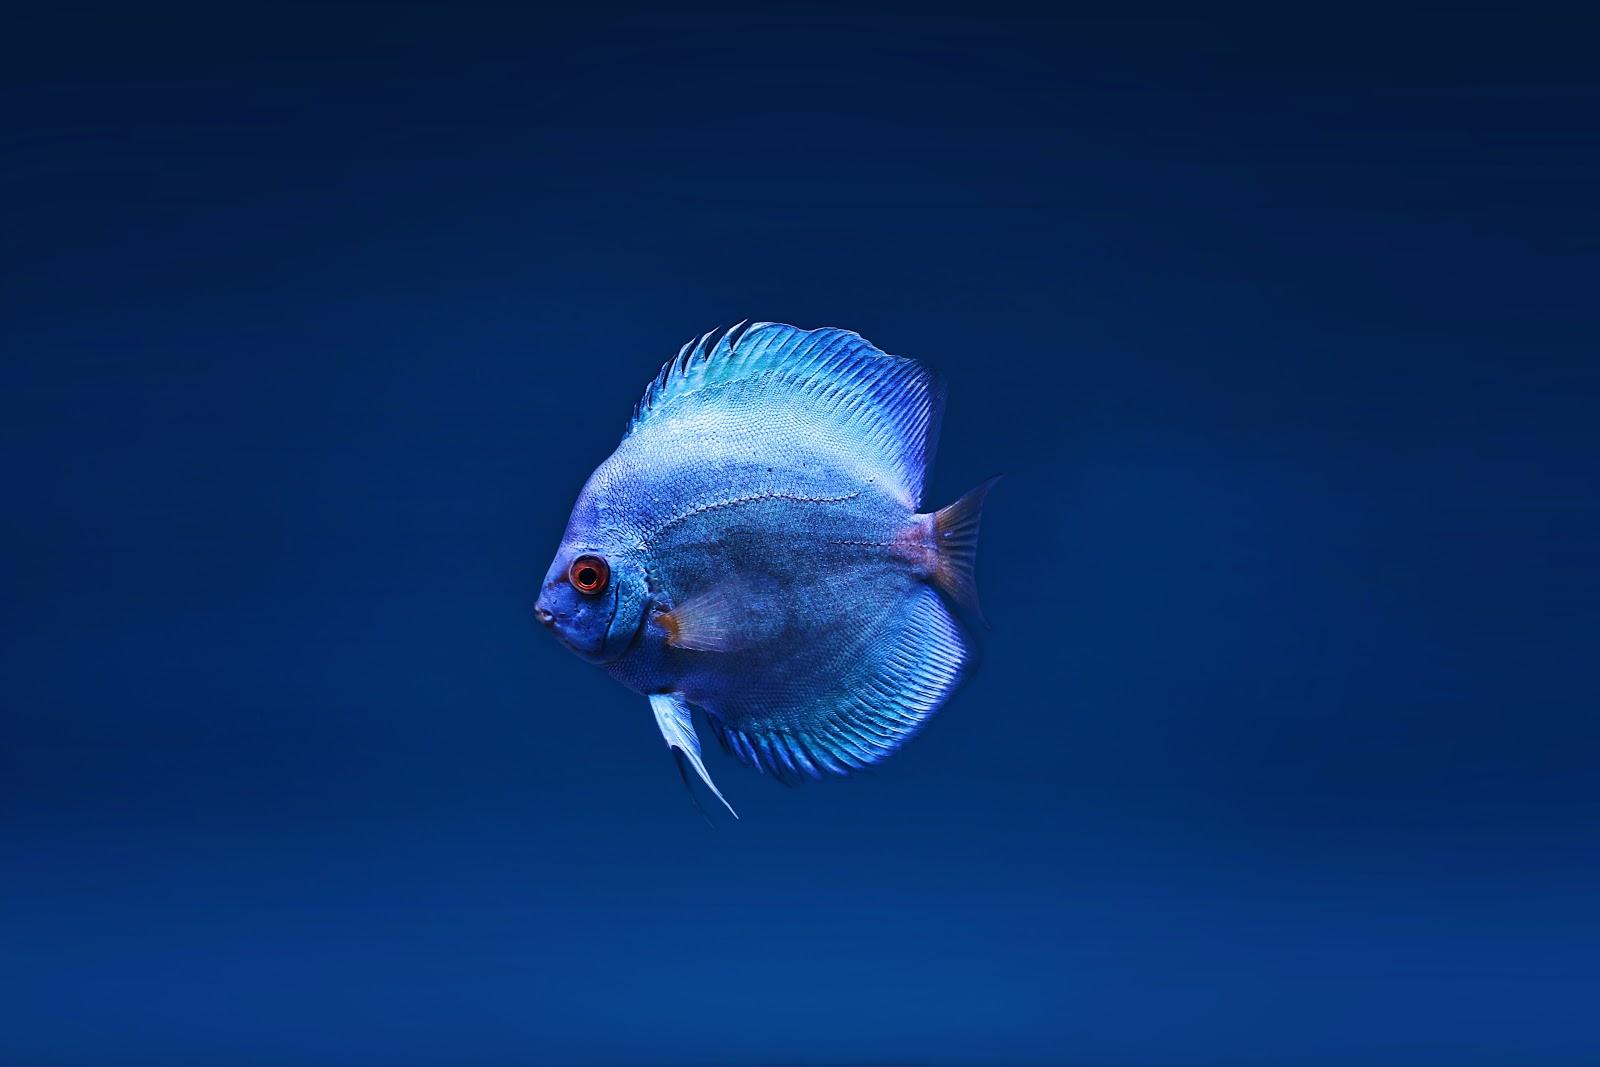 blue-discus-fish-pictures